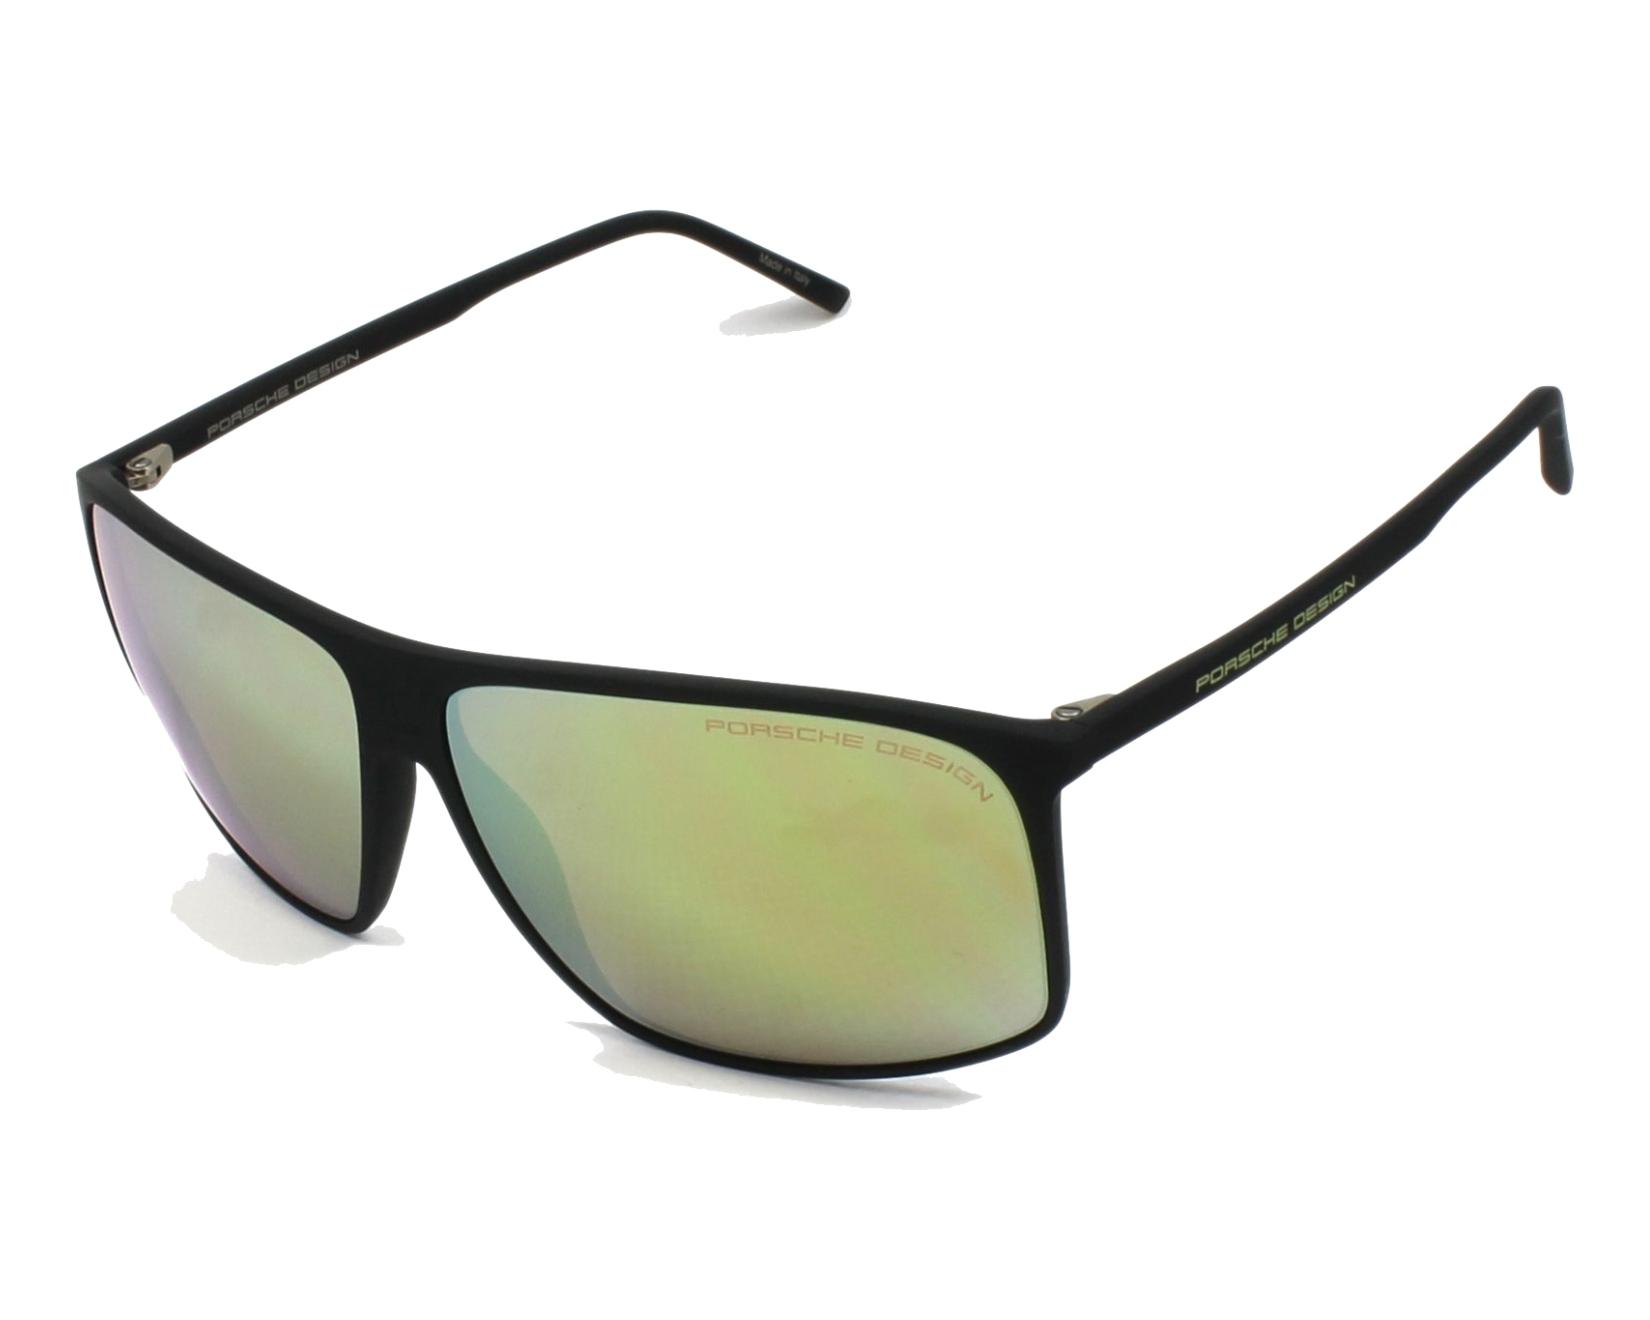 achat lunettes de soleil porsche design p 8594 a visionet. Black Bedroom Furniture Sets. Home Design Ideas